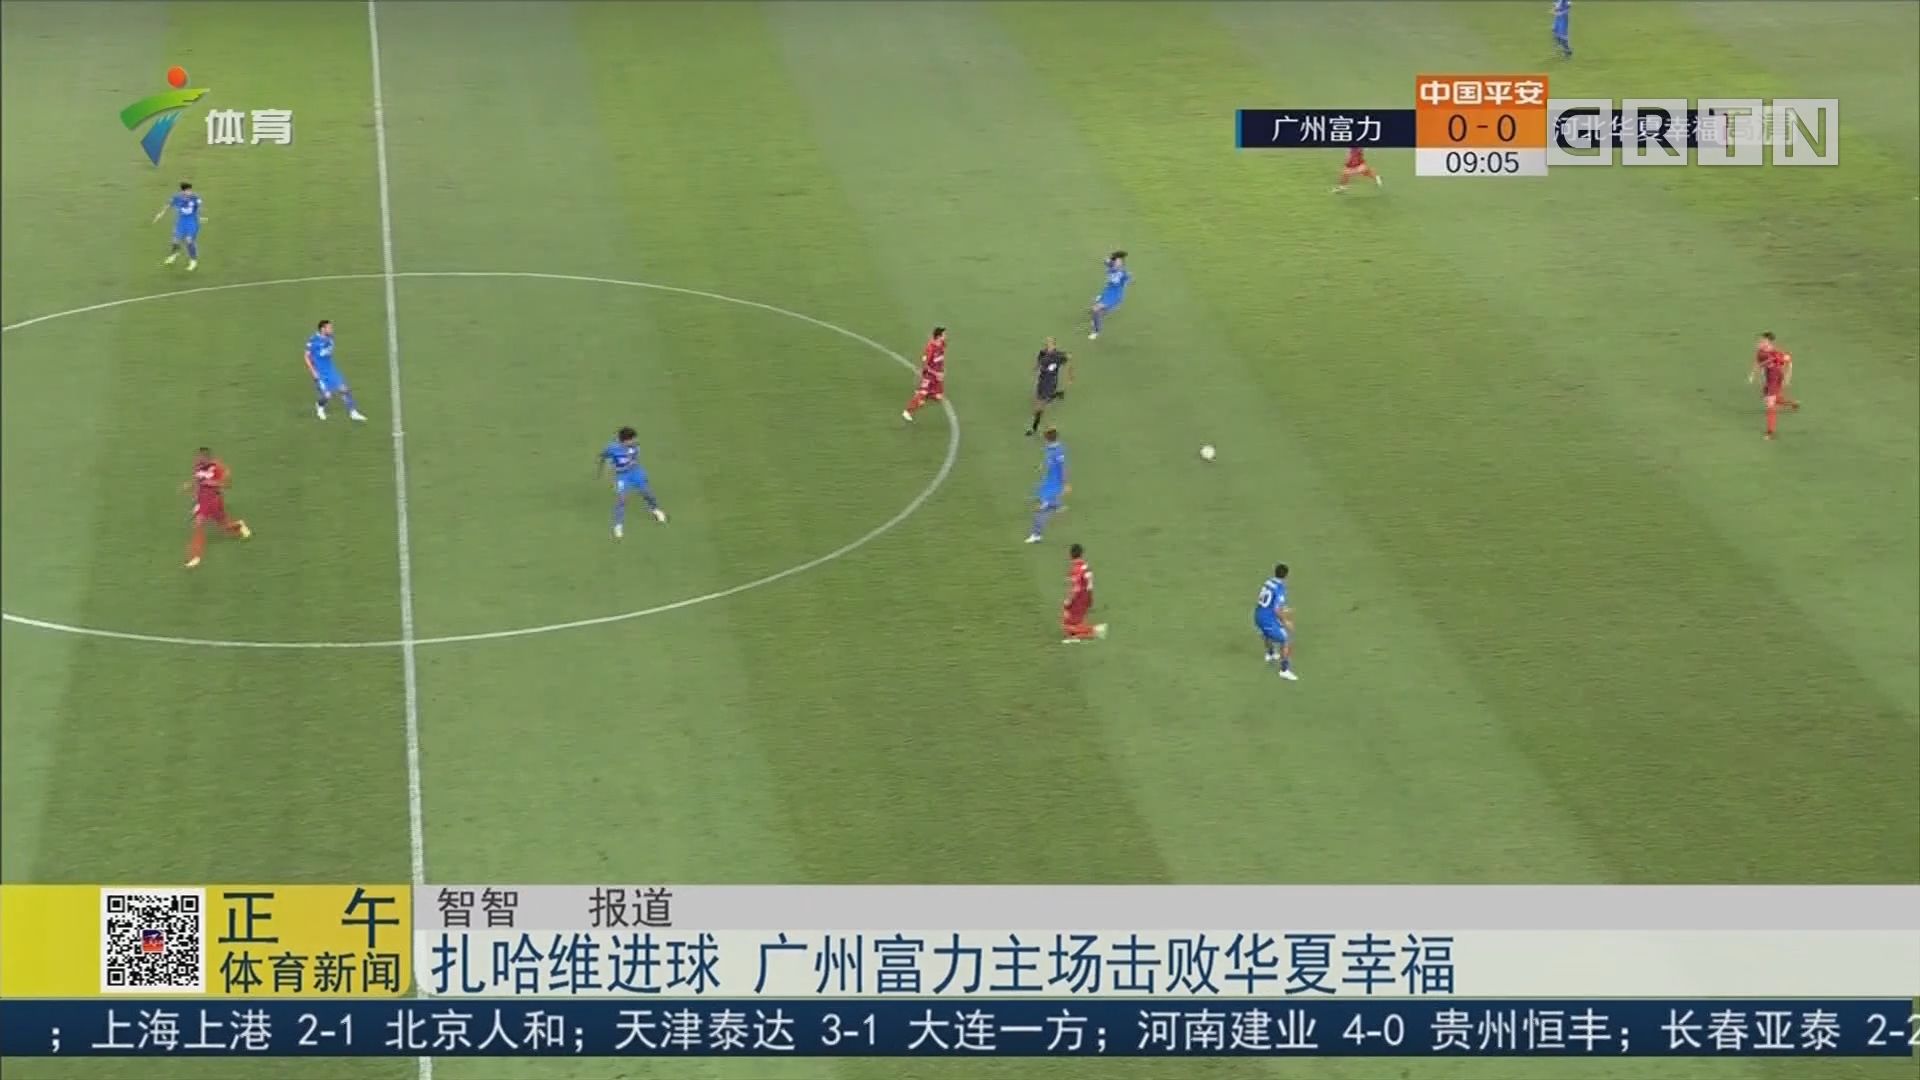 扎哈维进球 广州富力主场击败华夏幸福